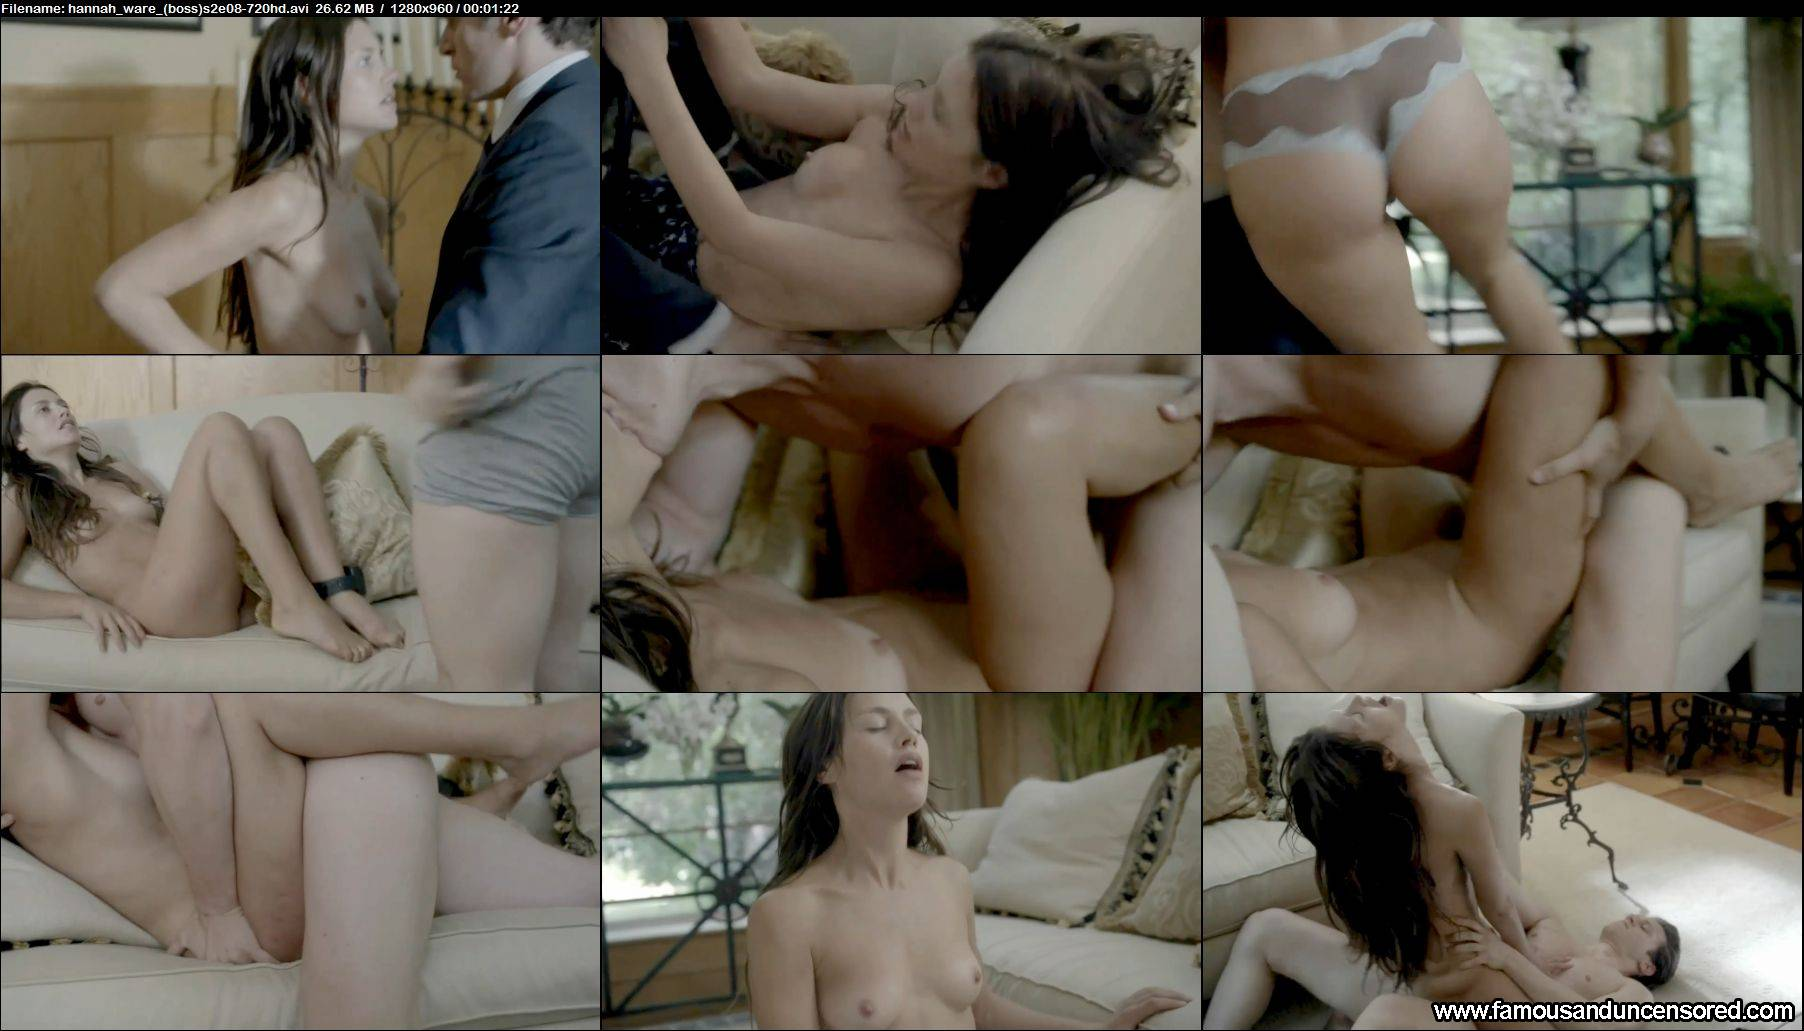 Hannah ware nude boss hd - 2 4